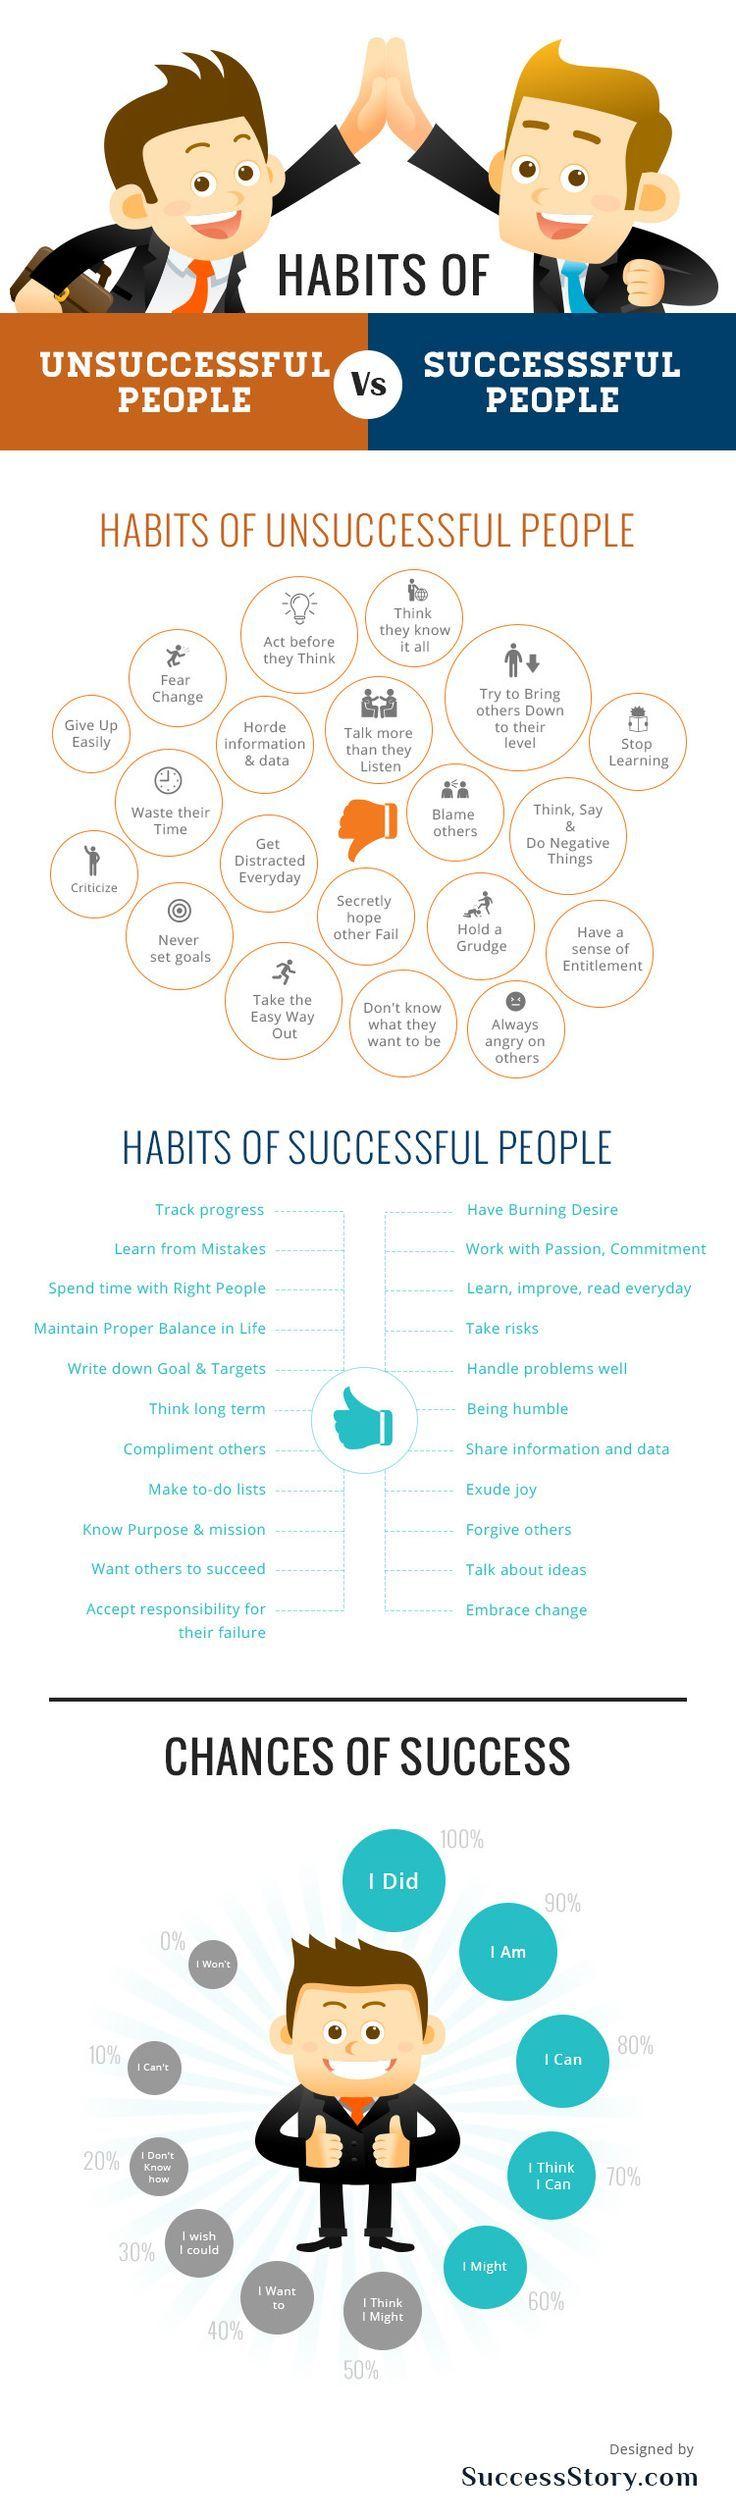 Aquí les quiero mostrar un excelente trabajo creado por la gente del sitio Success Story, un sitio creado para inspirar y empoderar a las personas para que puedan cumplir sus objetivos. En el sitio comparten historias de éxito de personas, compañías y productos que crecieron desde cero. Historias que muestran que no importa que duro es el camino y que difíciles son los escollos que debemos sortear, si uno trabaja duro, tarde o temprano puede lograr lo que se propone. Este sitio desarrolló...